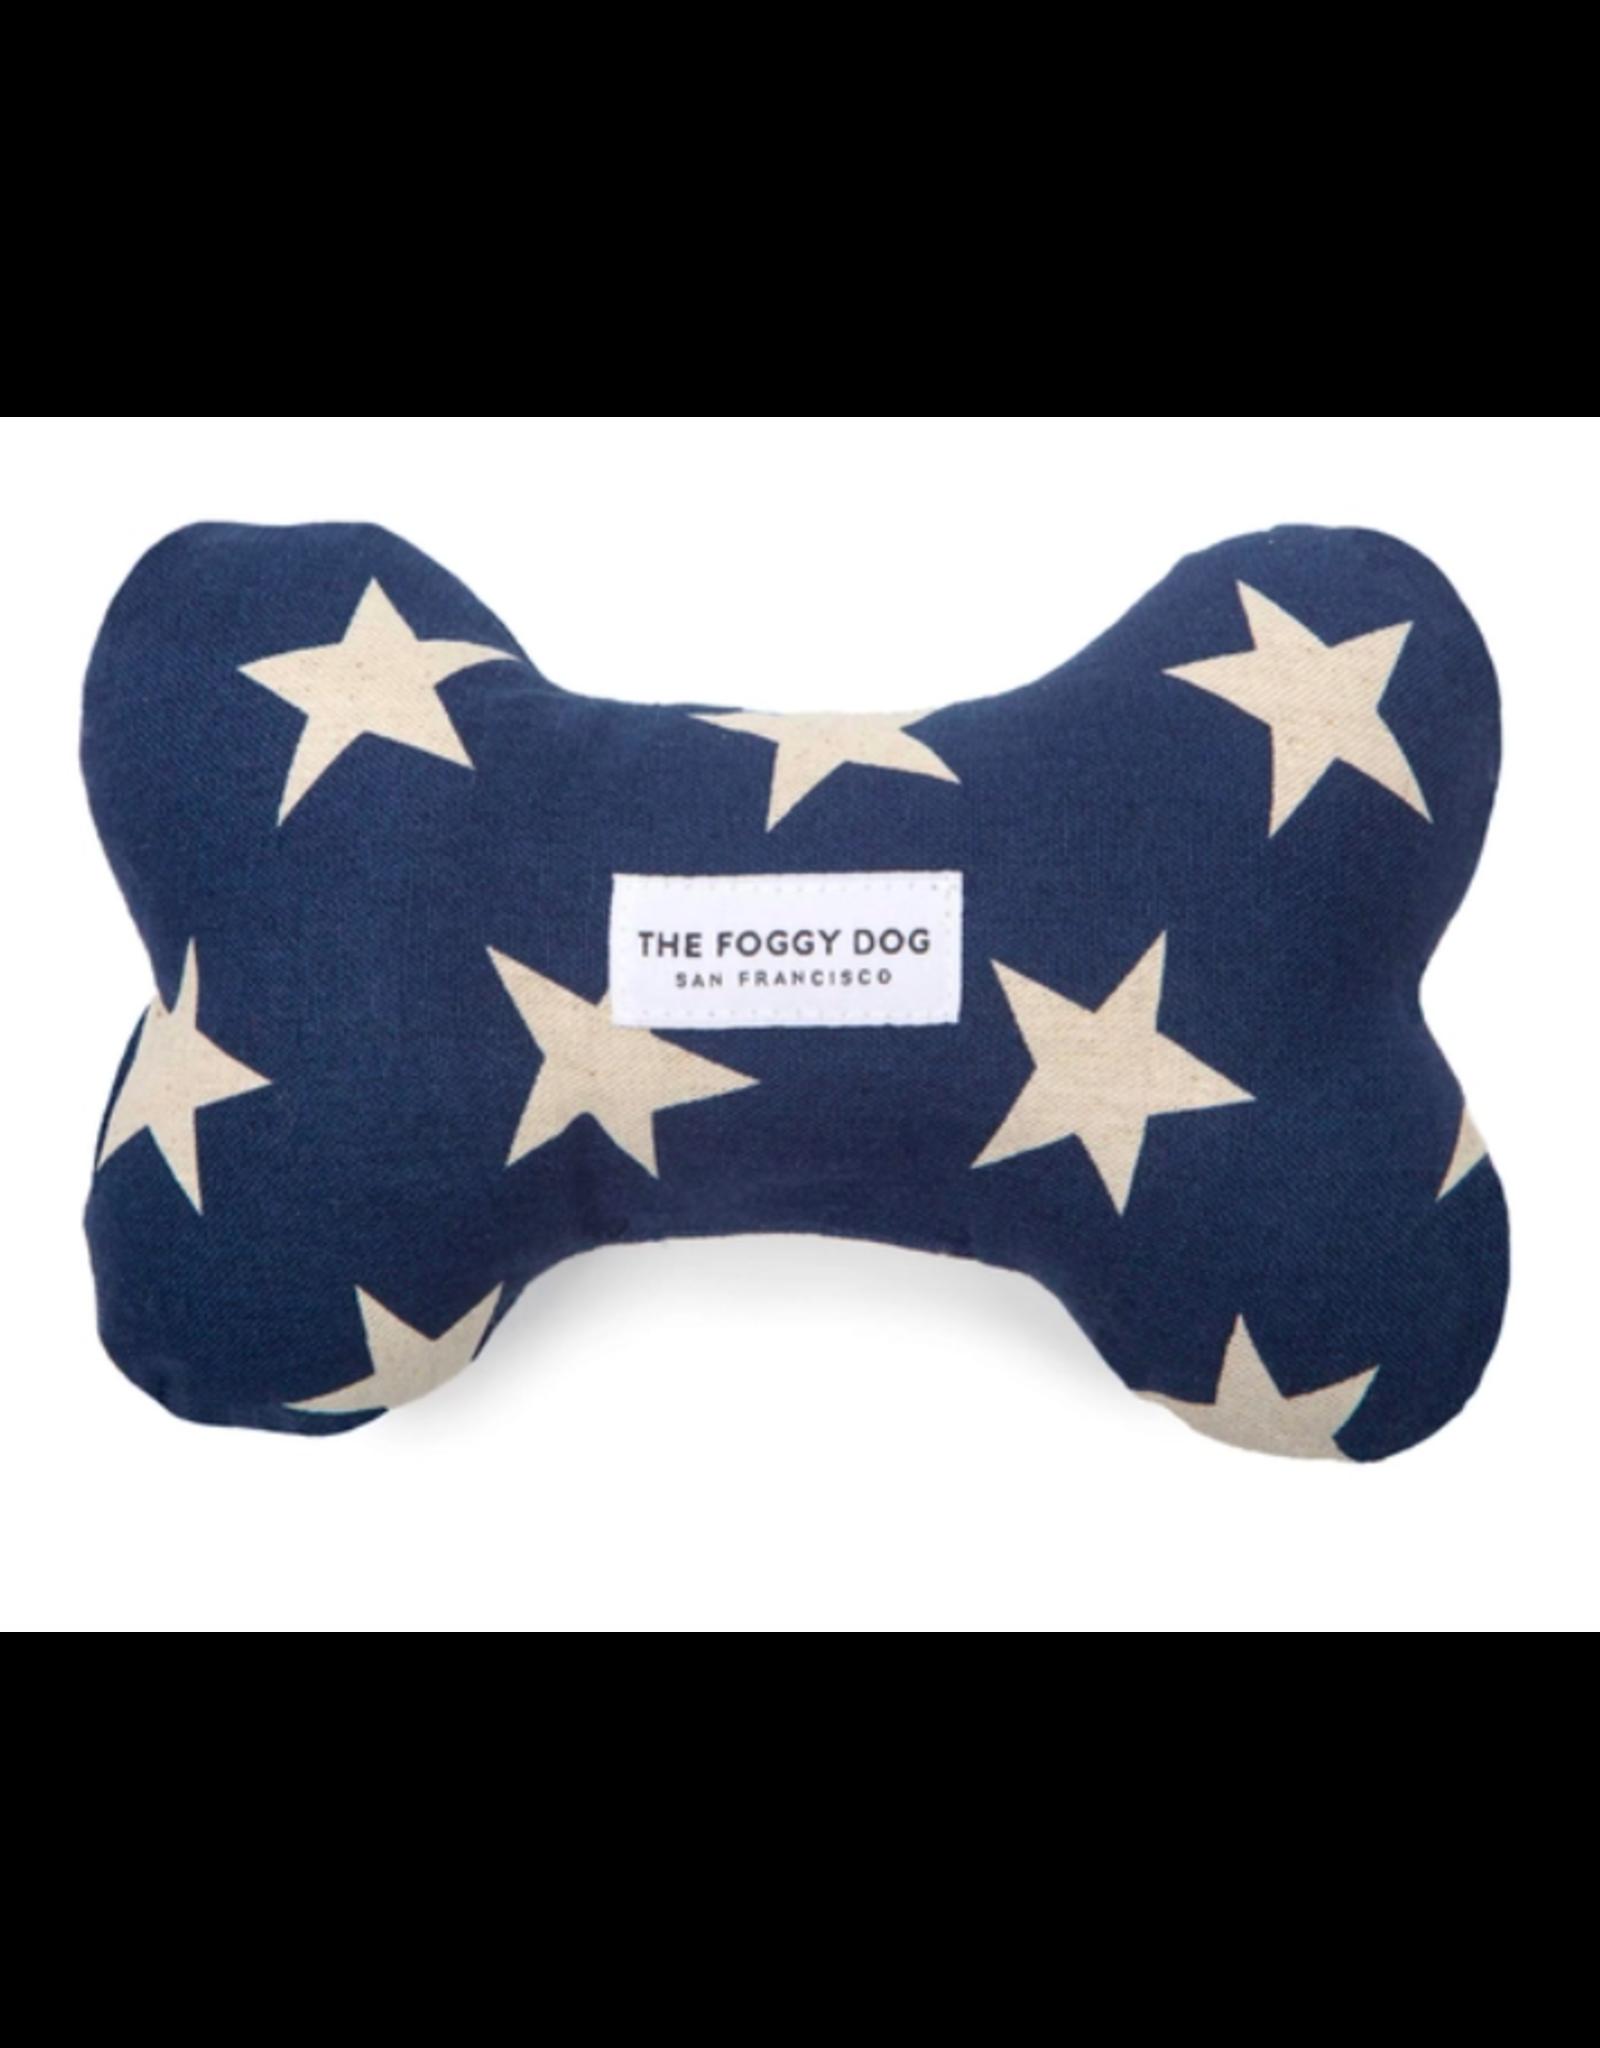 The Foggy Dog Navy Stars Dog Bone Squeaky Toy